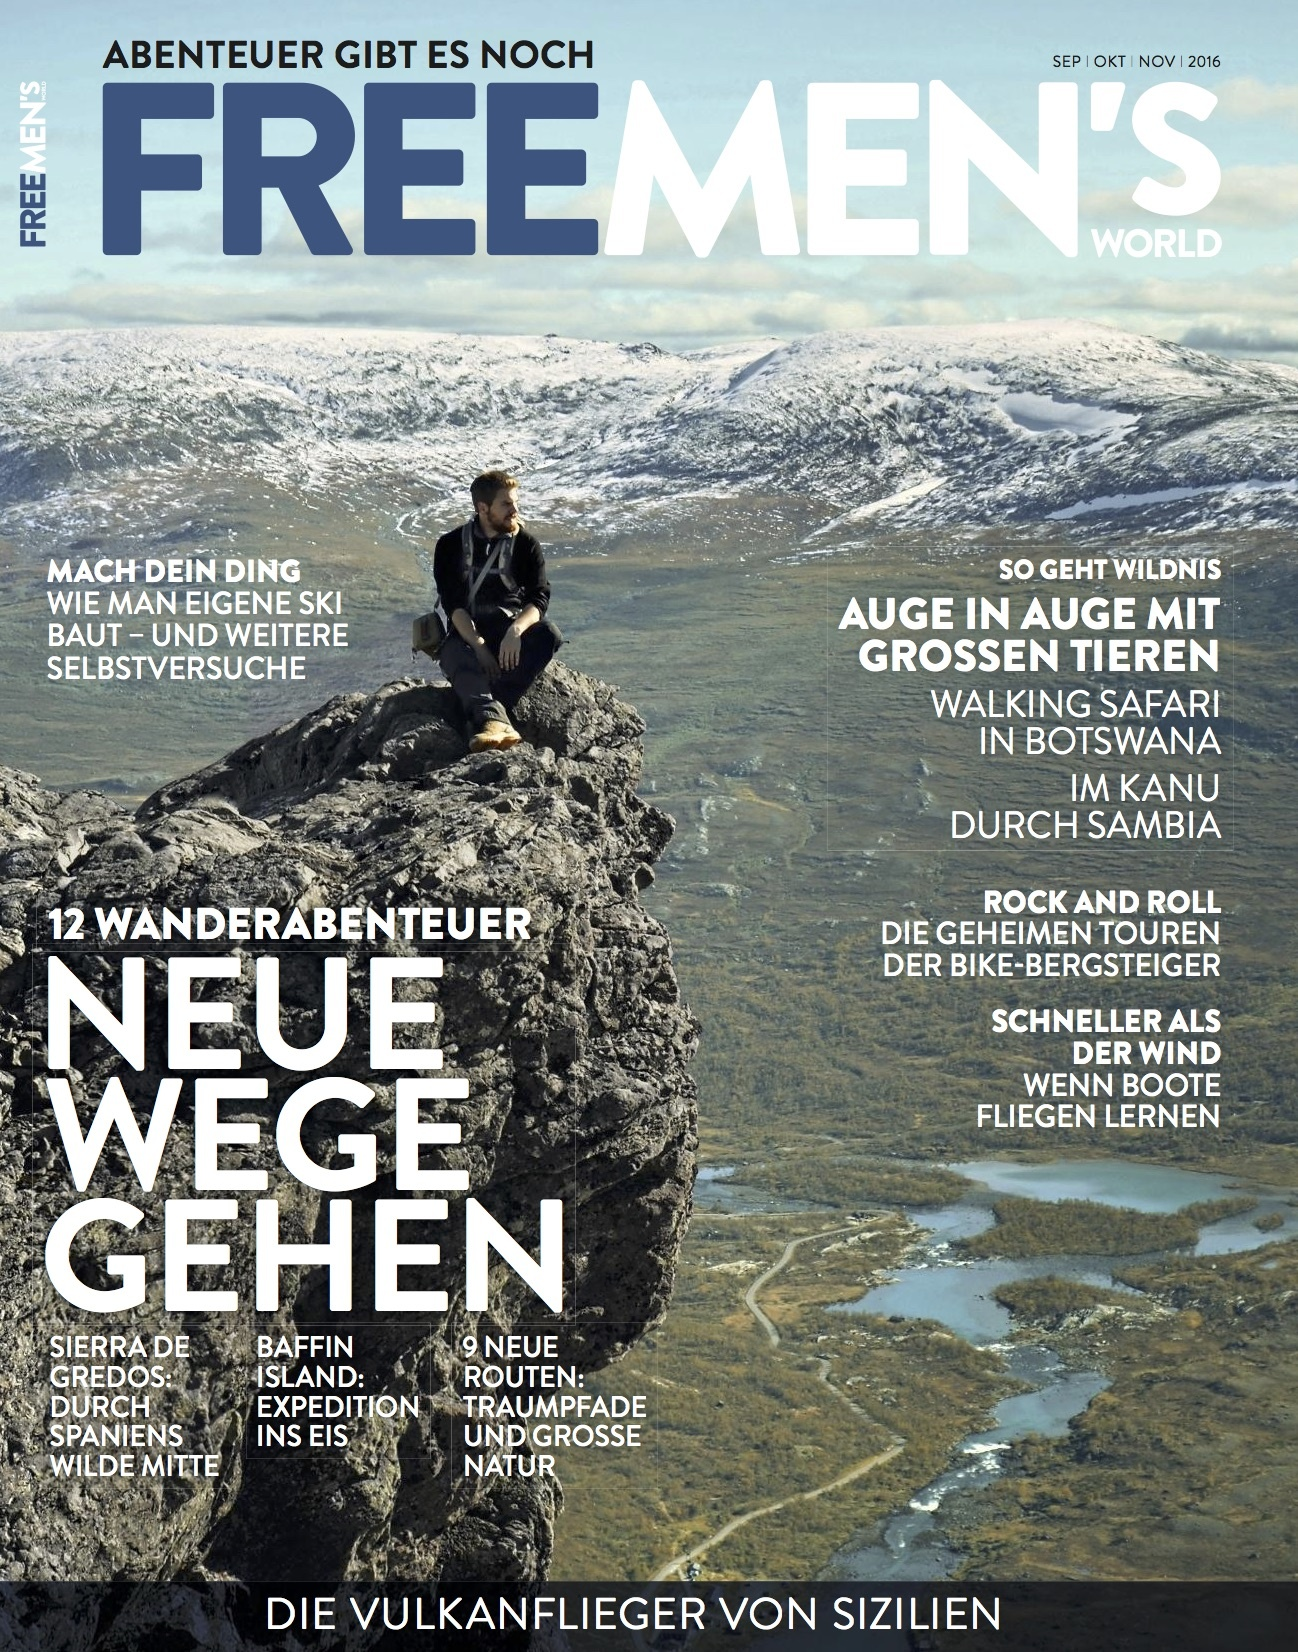 FREE MEN'S WORLD FREE MEN'S WORLD - Neue Wege gehen